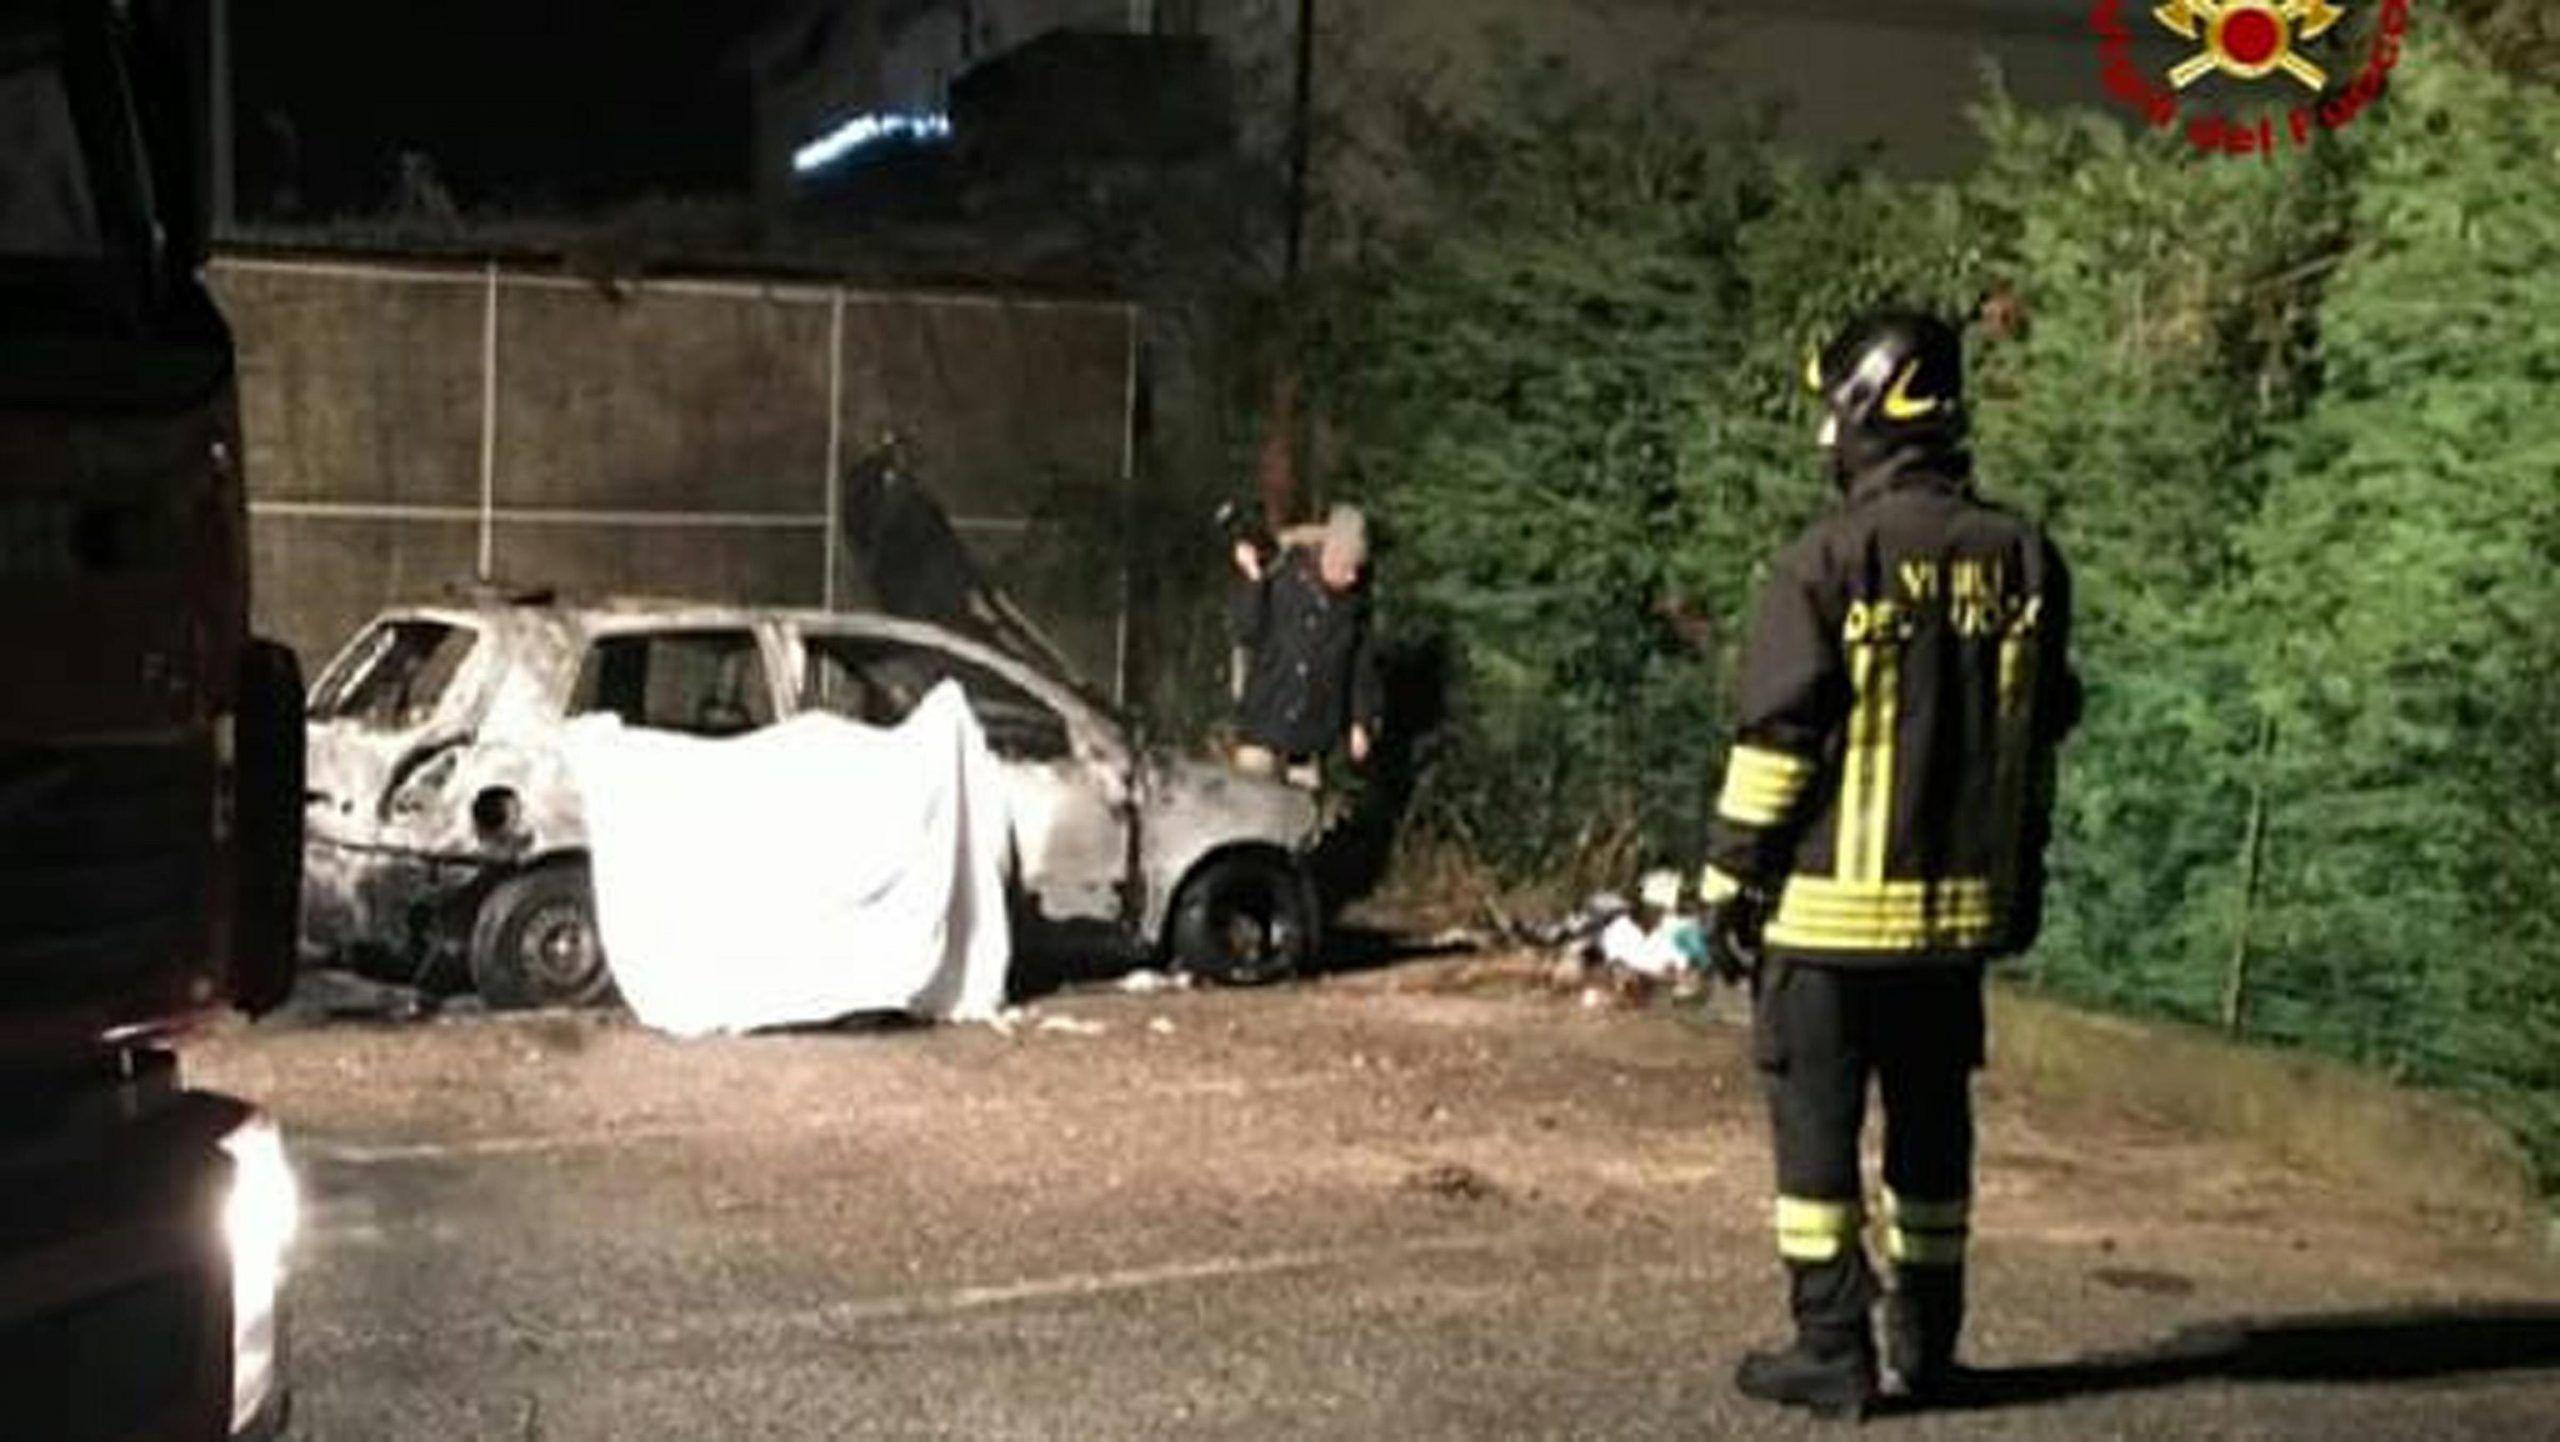 Clochard morto bruciato a Verona: per i due minori indagati «era uno scherzo»